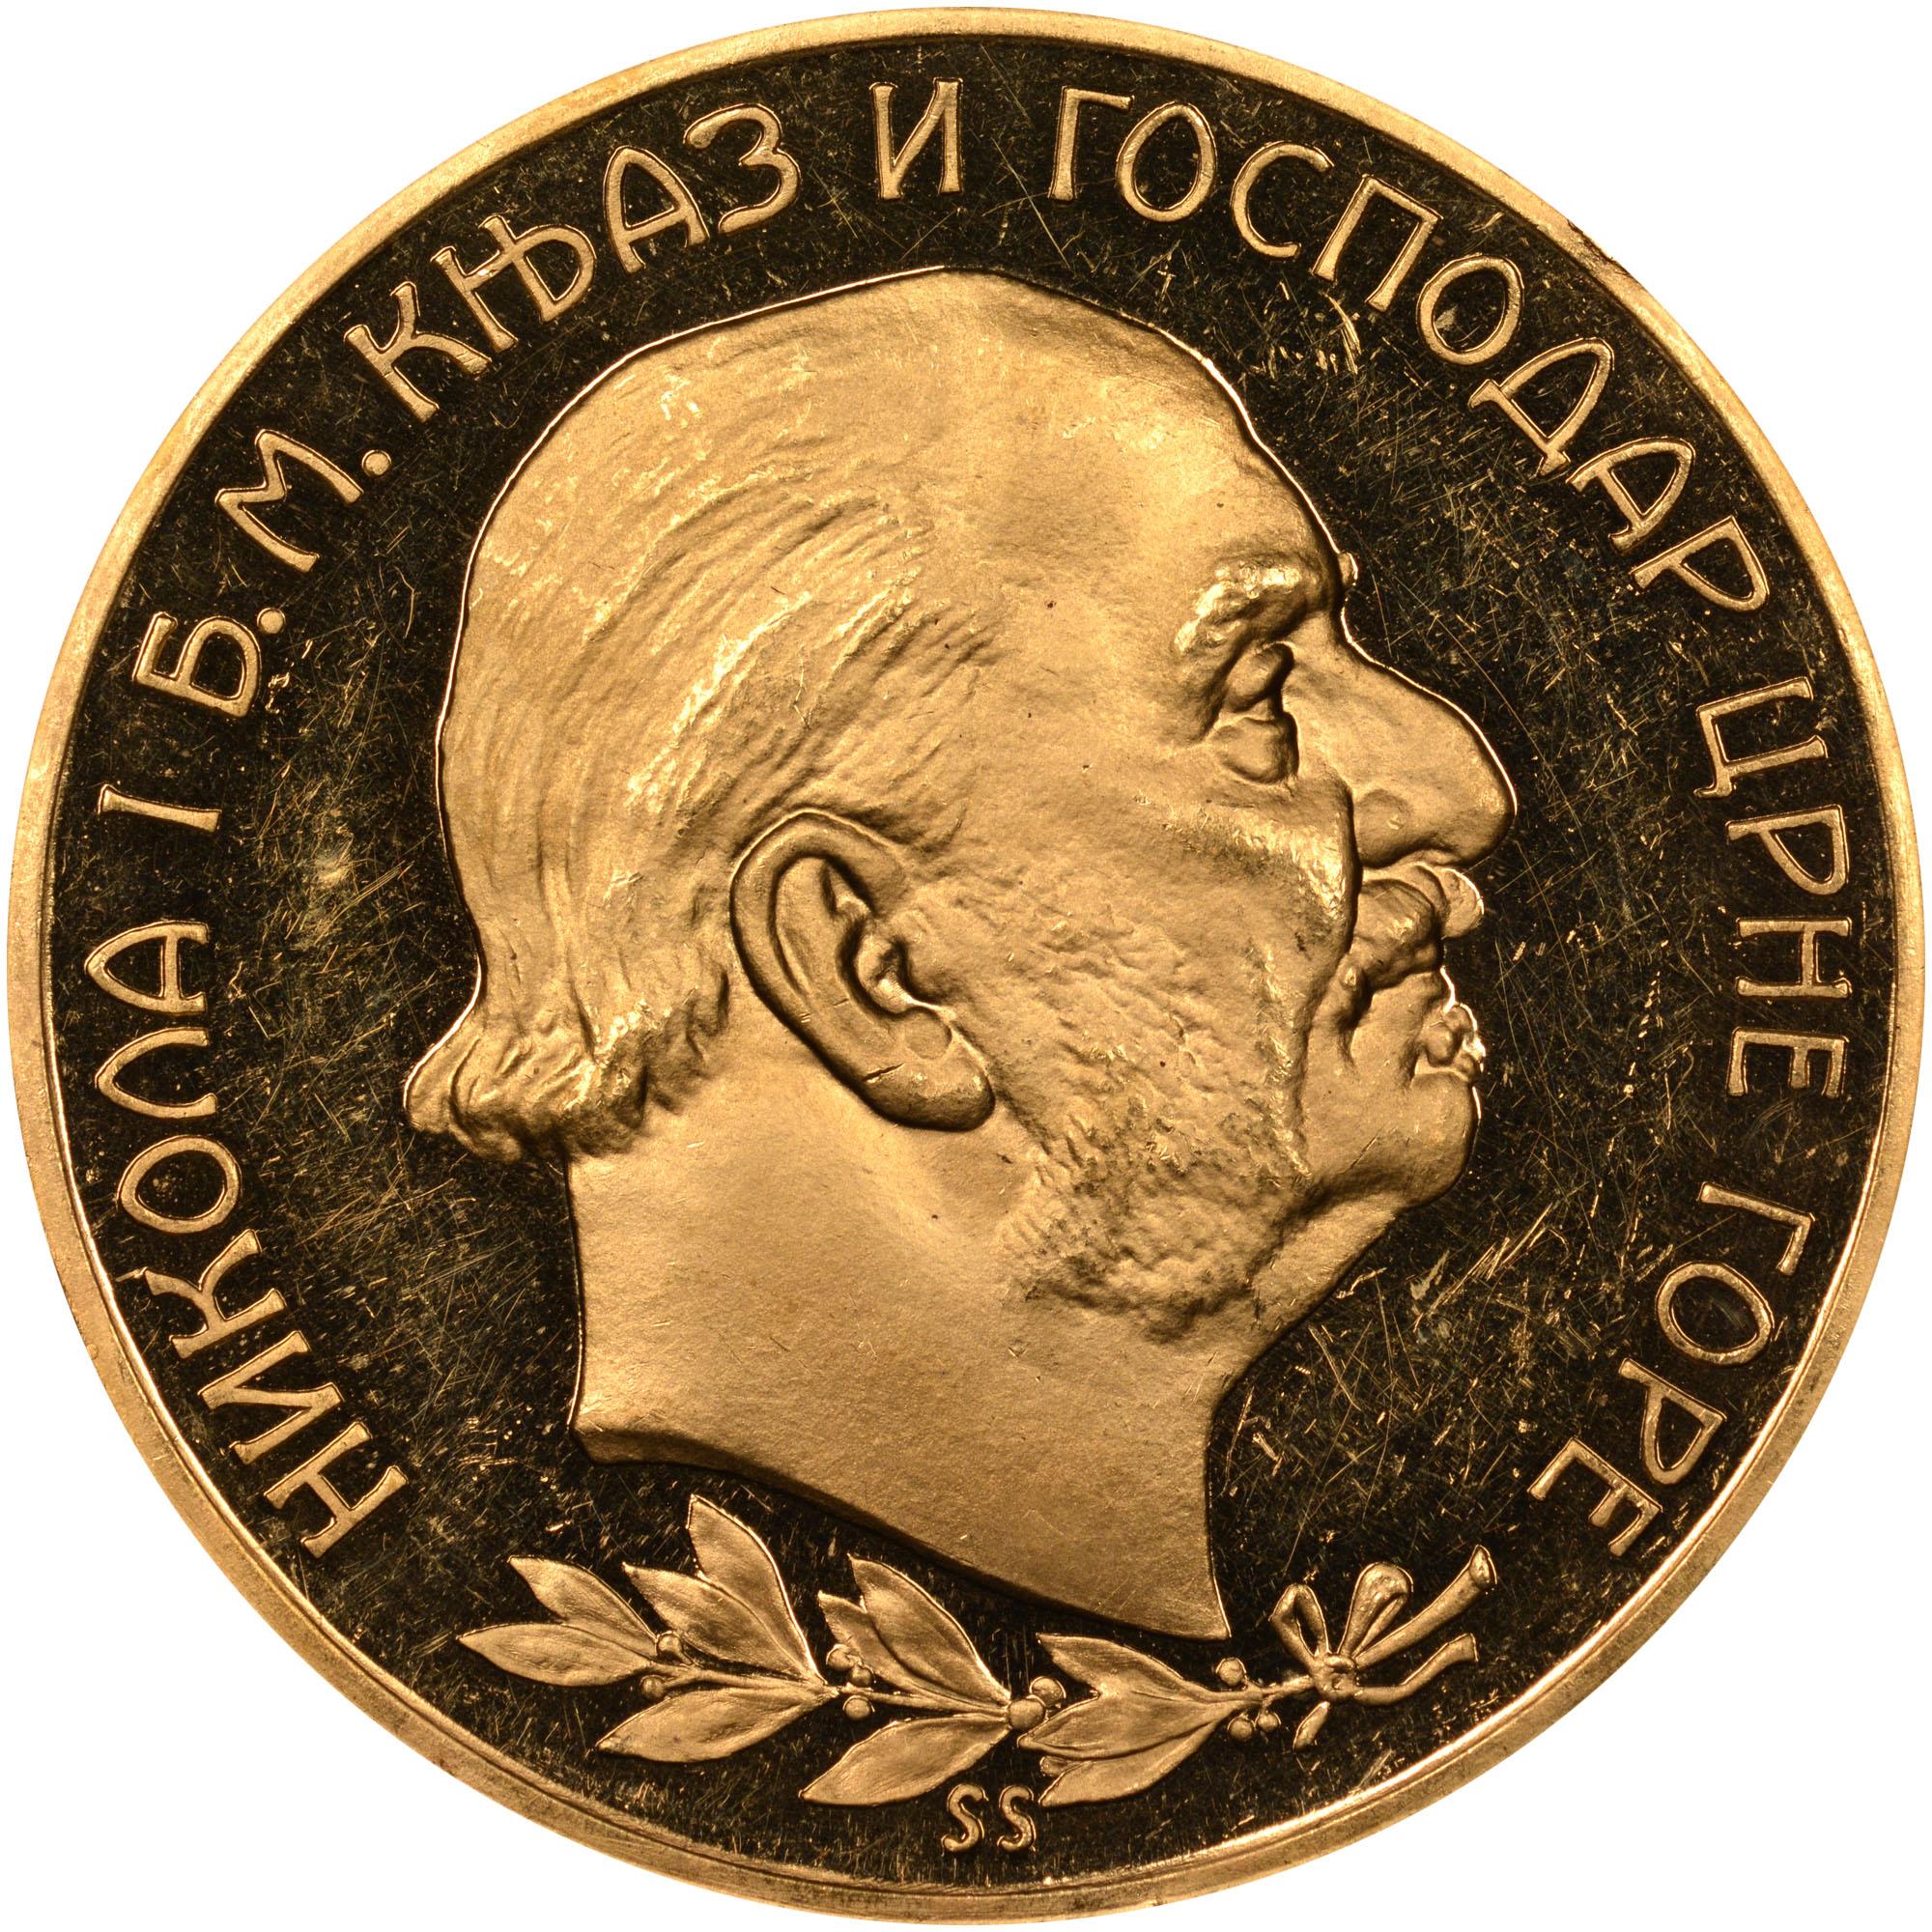 Montenegro 100 Perpera obverse